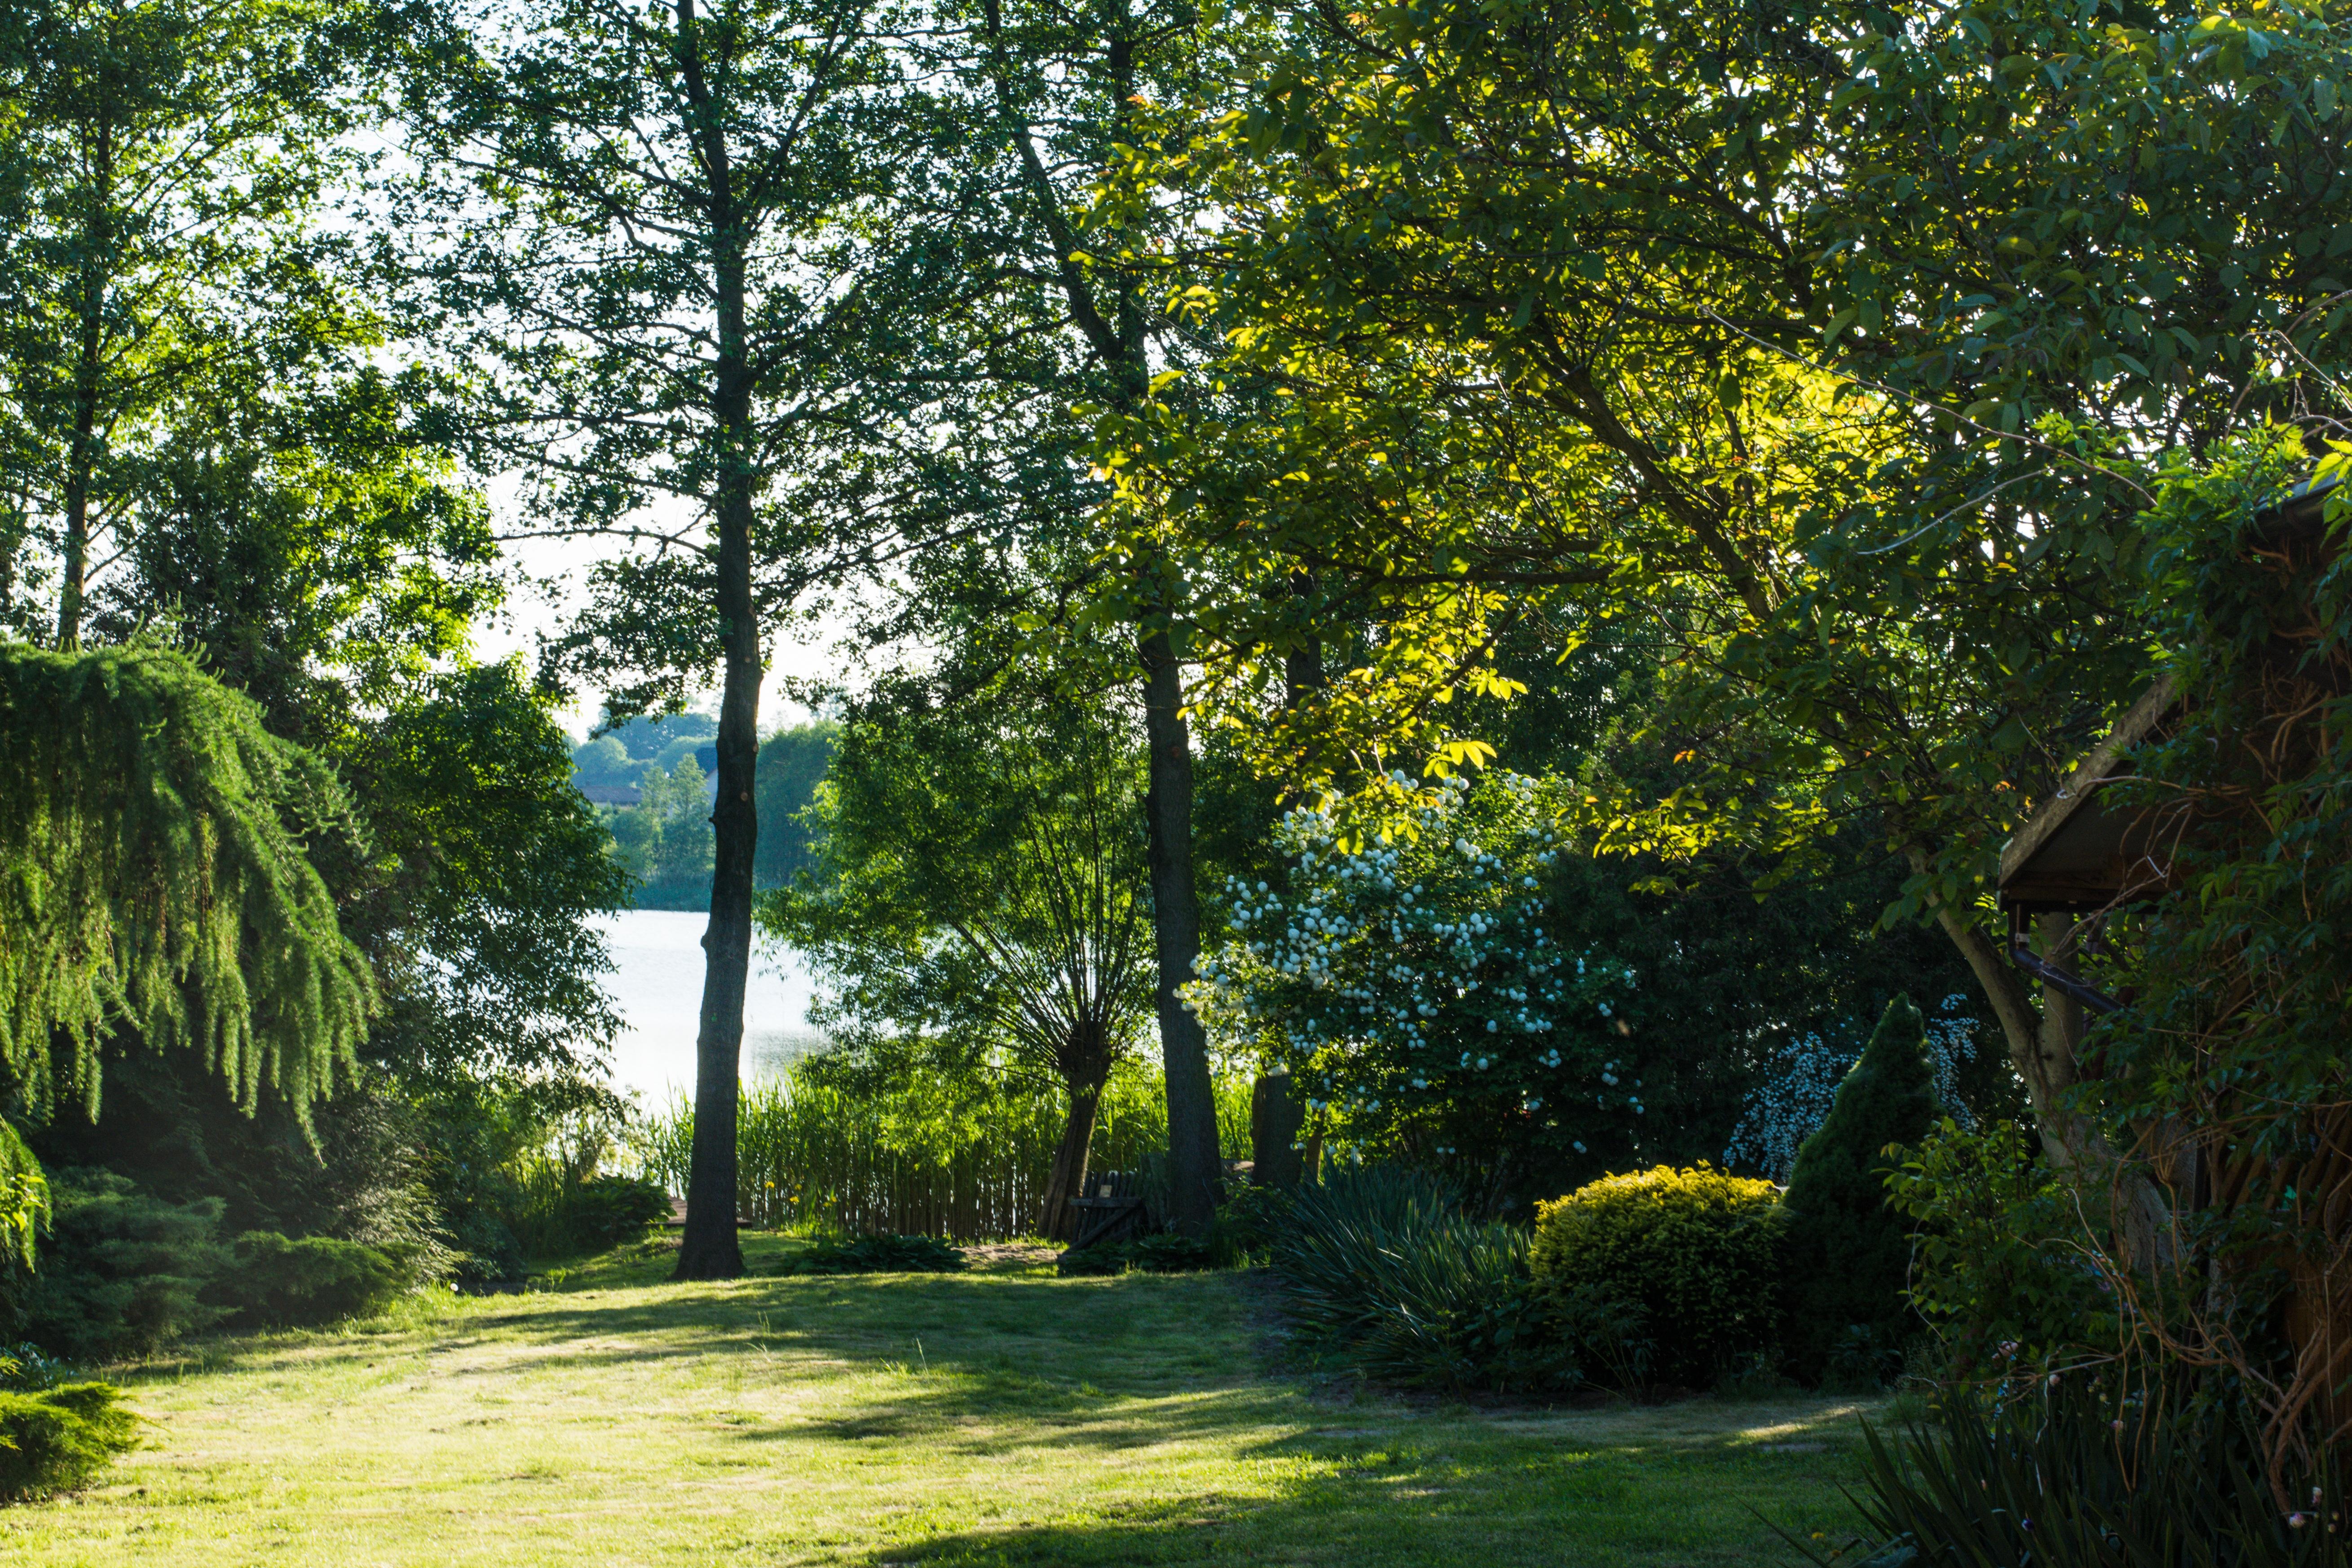 kostenlose foto landschaft baum wasser natur wald gras rasen wiese sonnenlicht blatt see aussicht sommer grn herbst park hinterhof - Hinterhof Landschaften Bilder